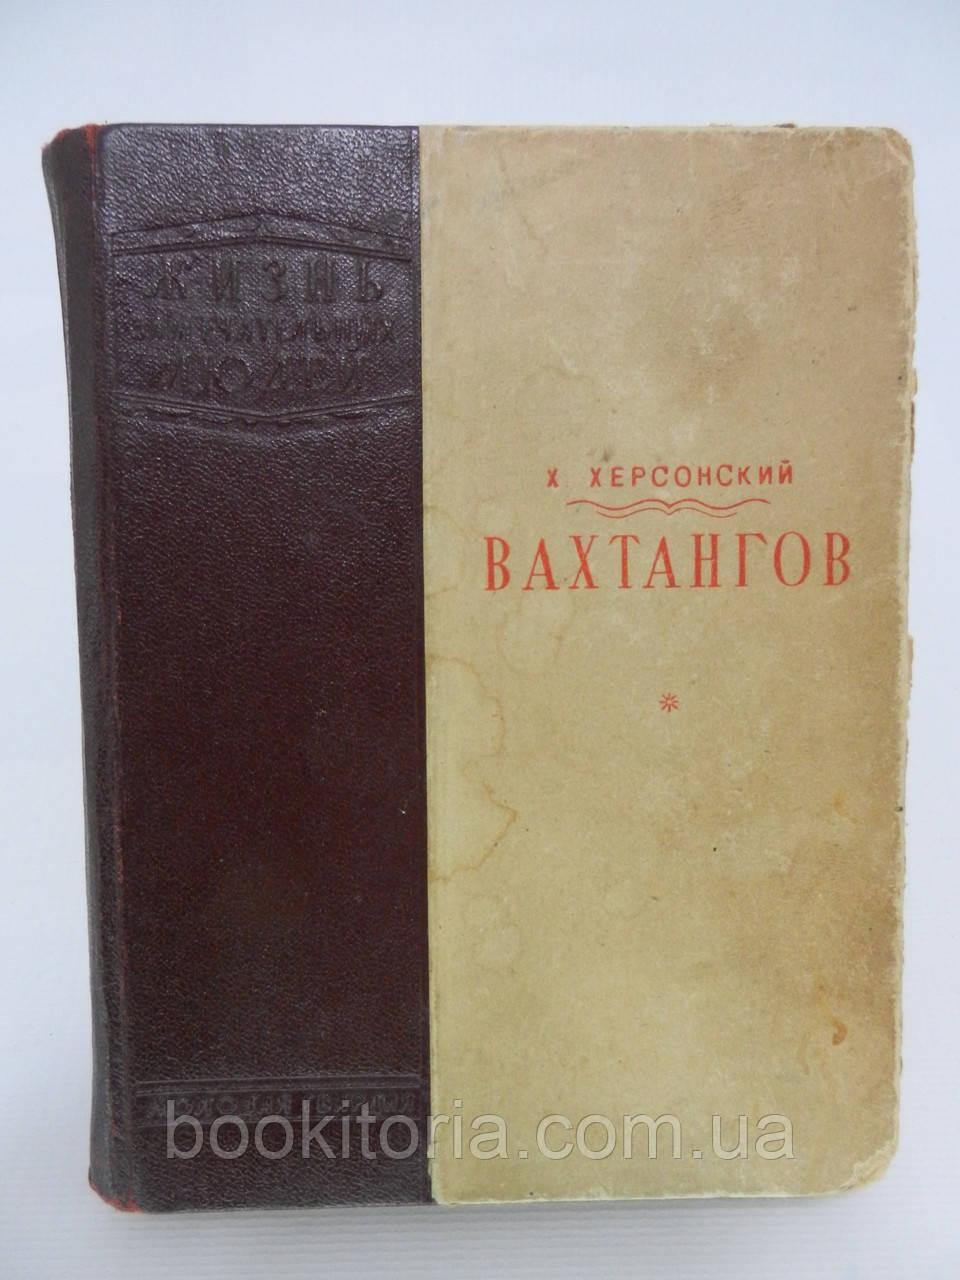 Херсонский Х. Вахтангов (б/у).